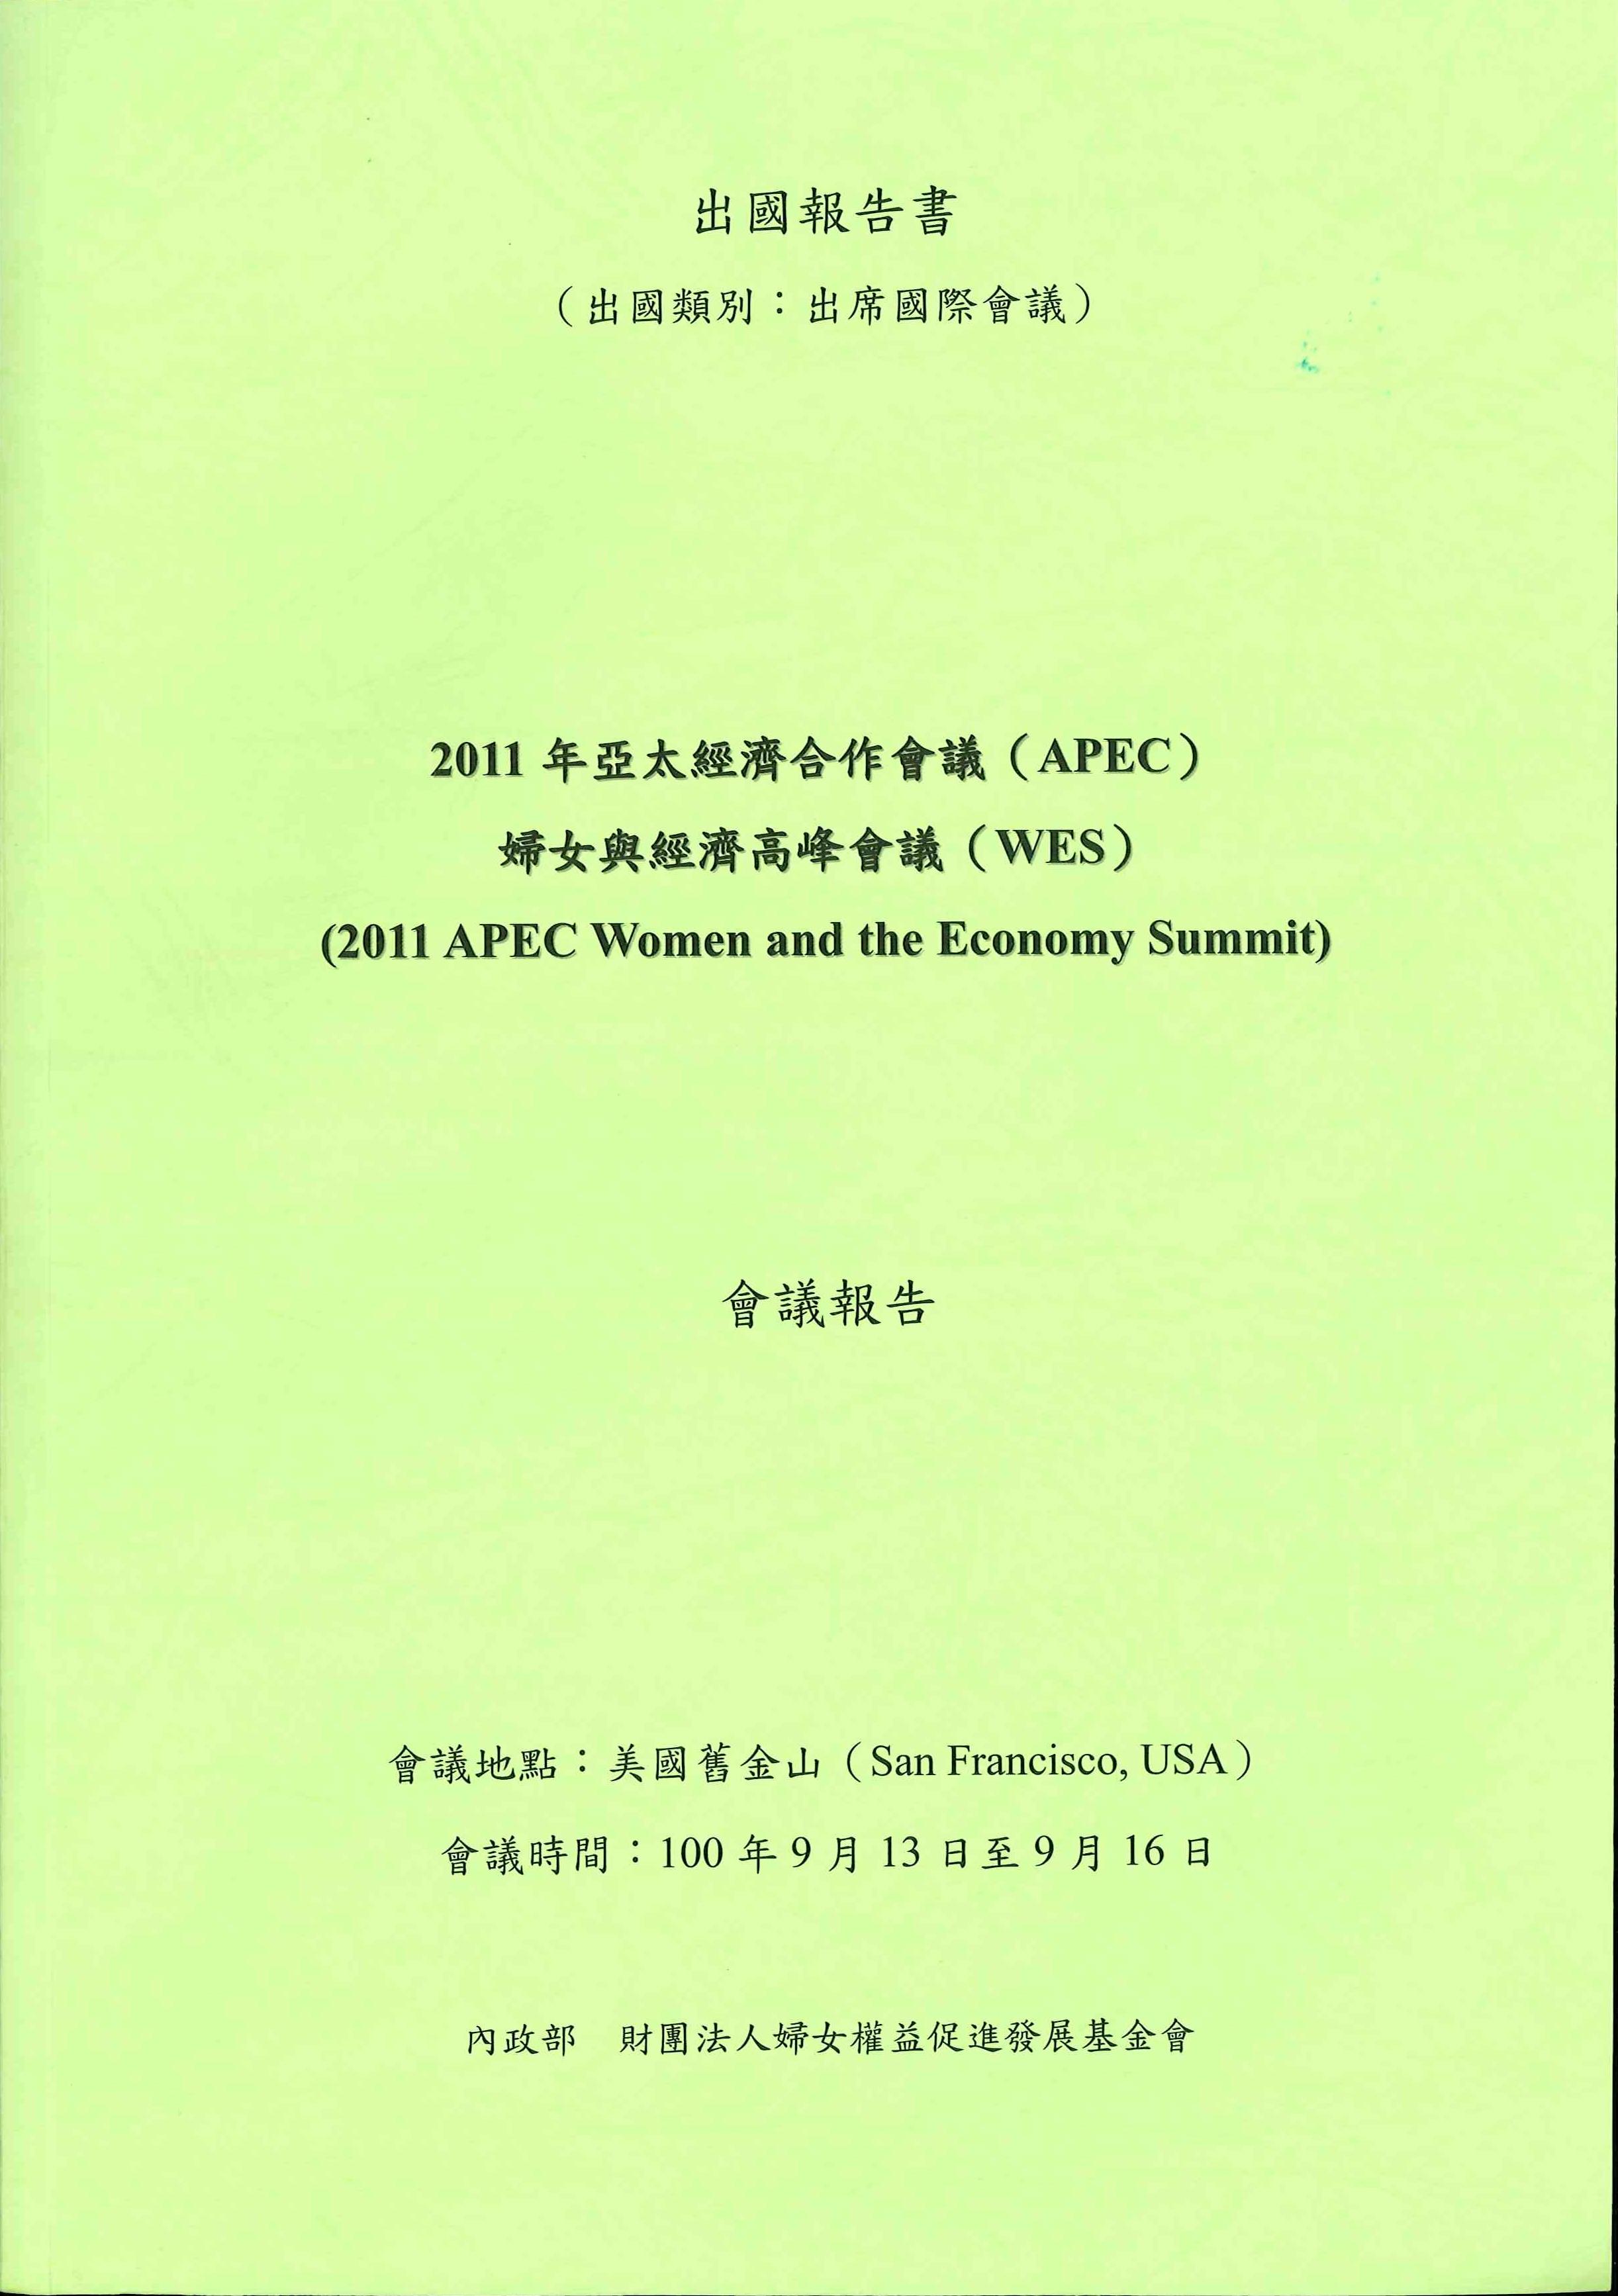 2011年亞太經濟合作會議(APEC)婦女與經濟高峰會(WES)會議報告=2011 APEC women and the economy summit